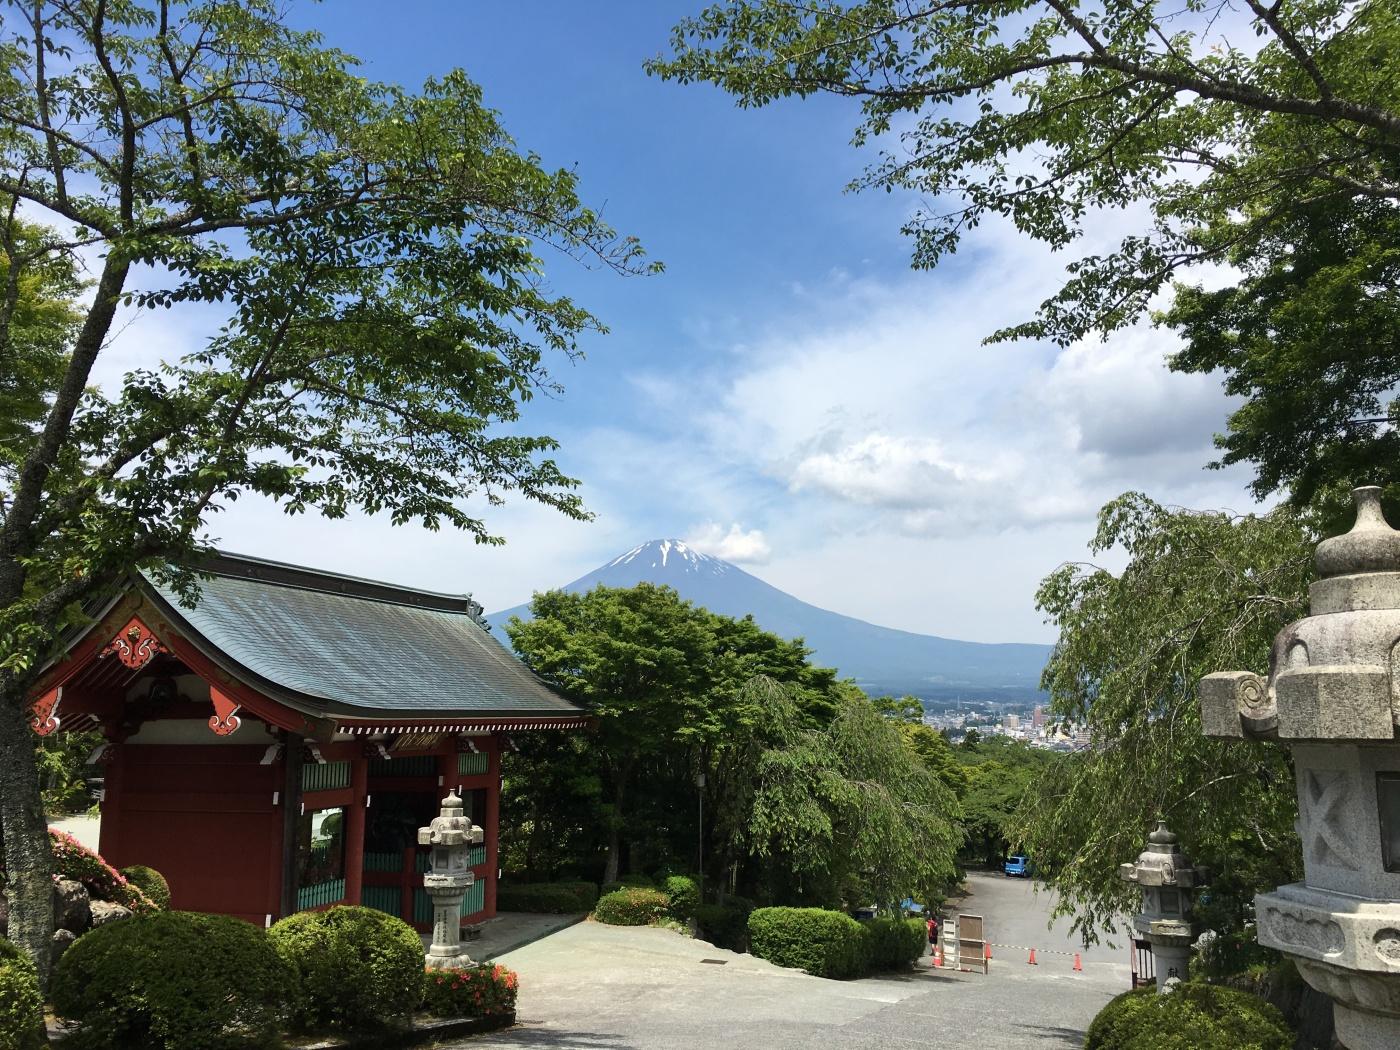 fuji peace park